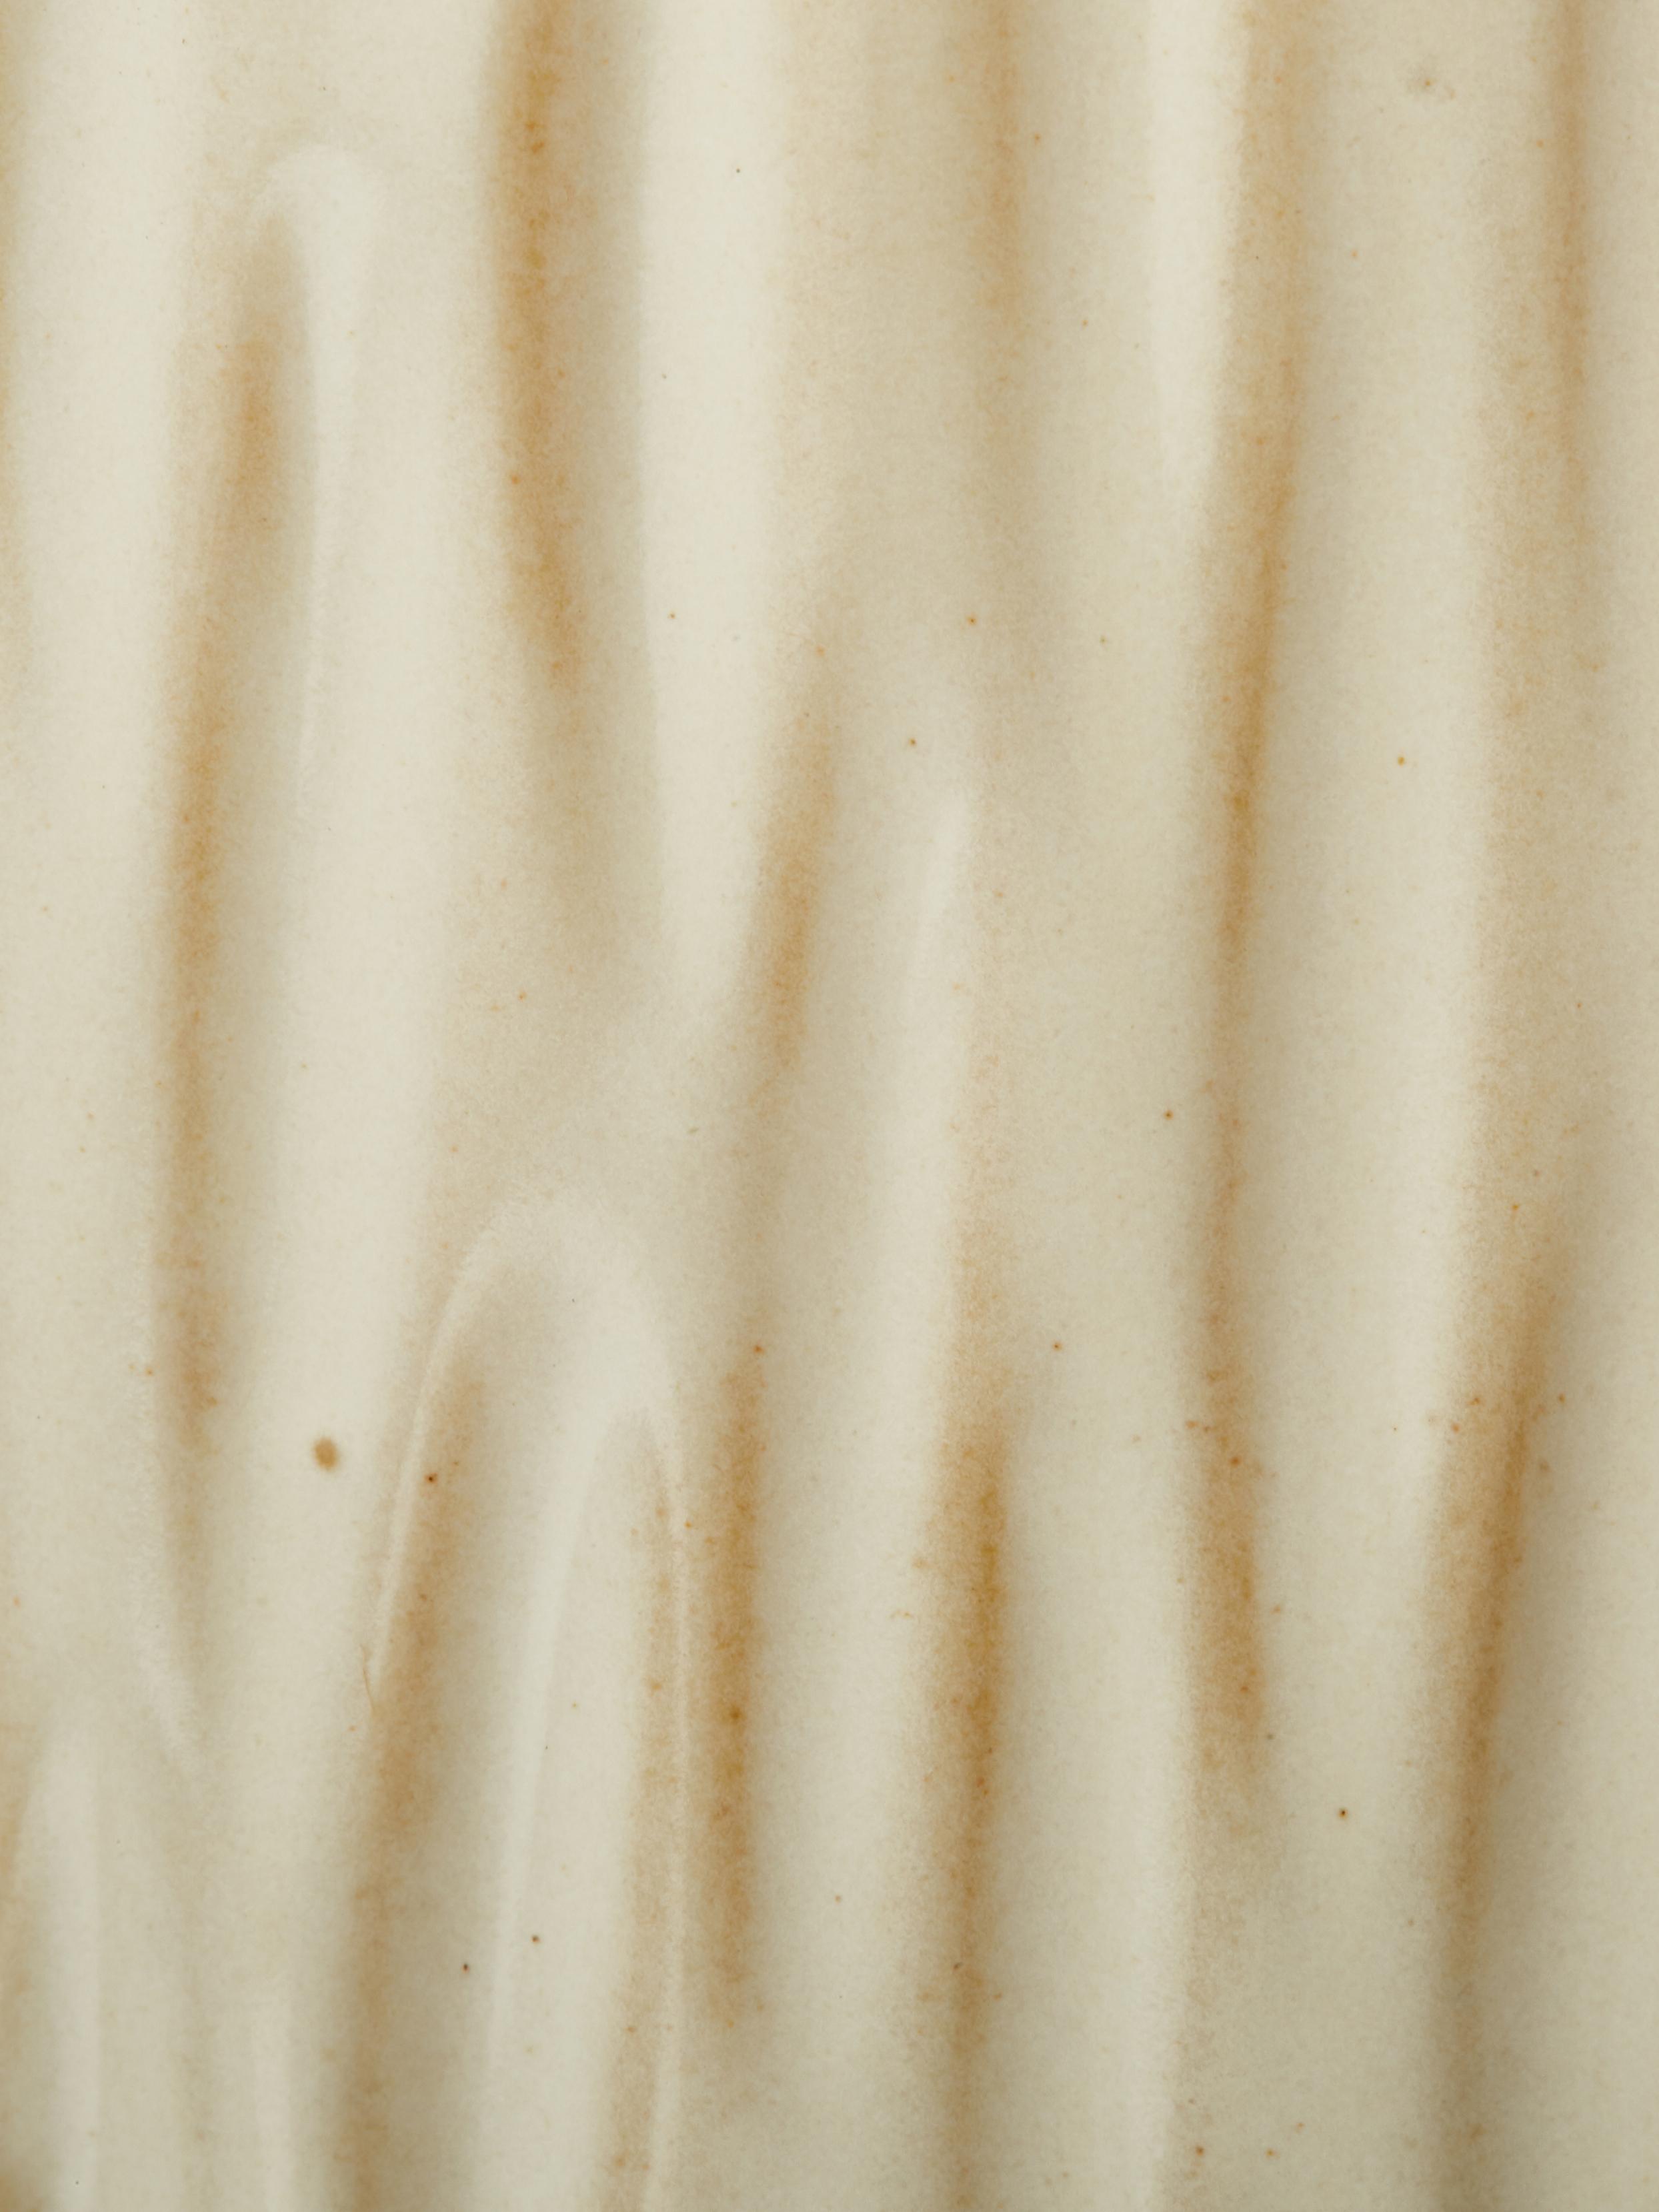 Set de jarrones de porcelana Zalina, 4pzas., Porcelana, Crema, beige, Set de diferentes tamaños